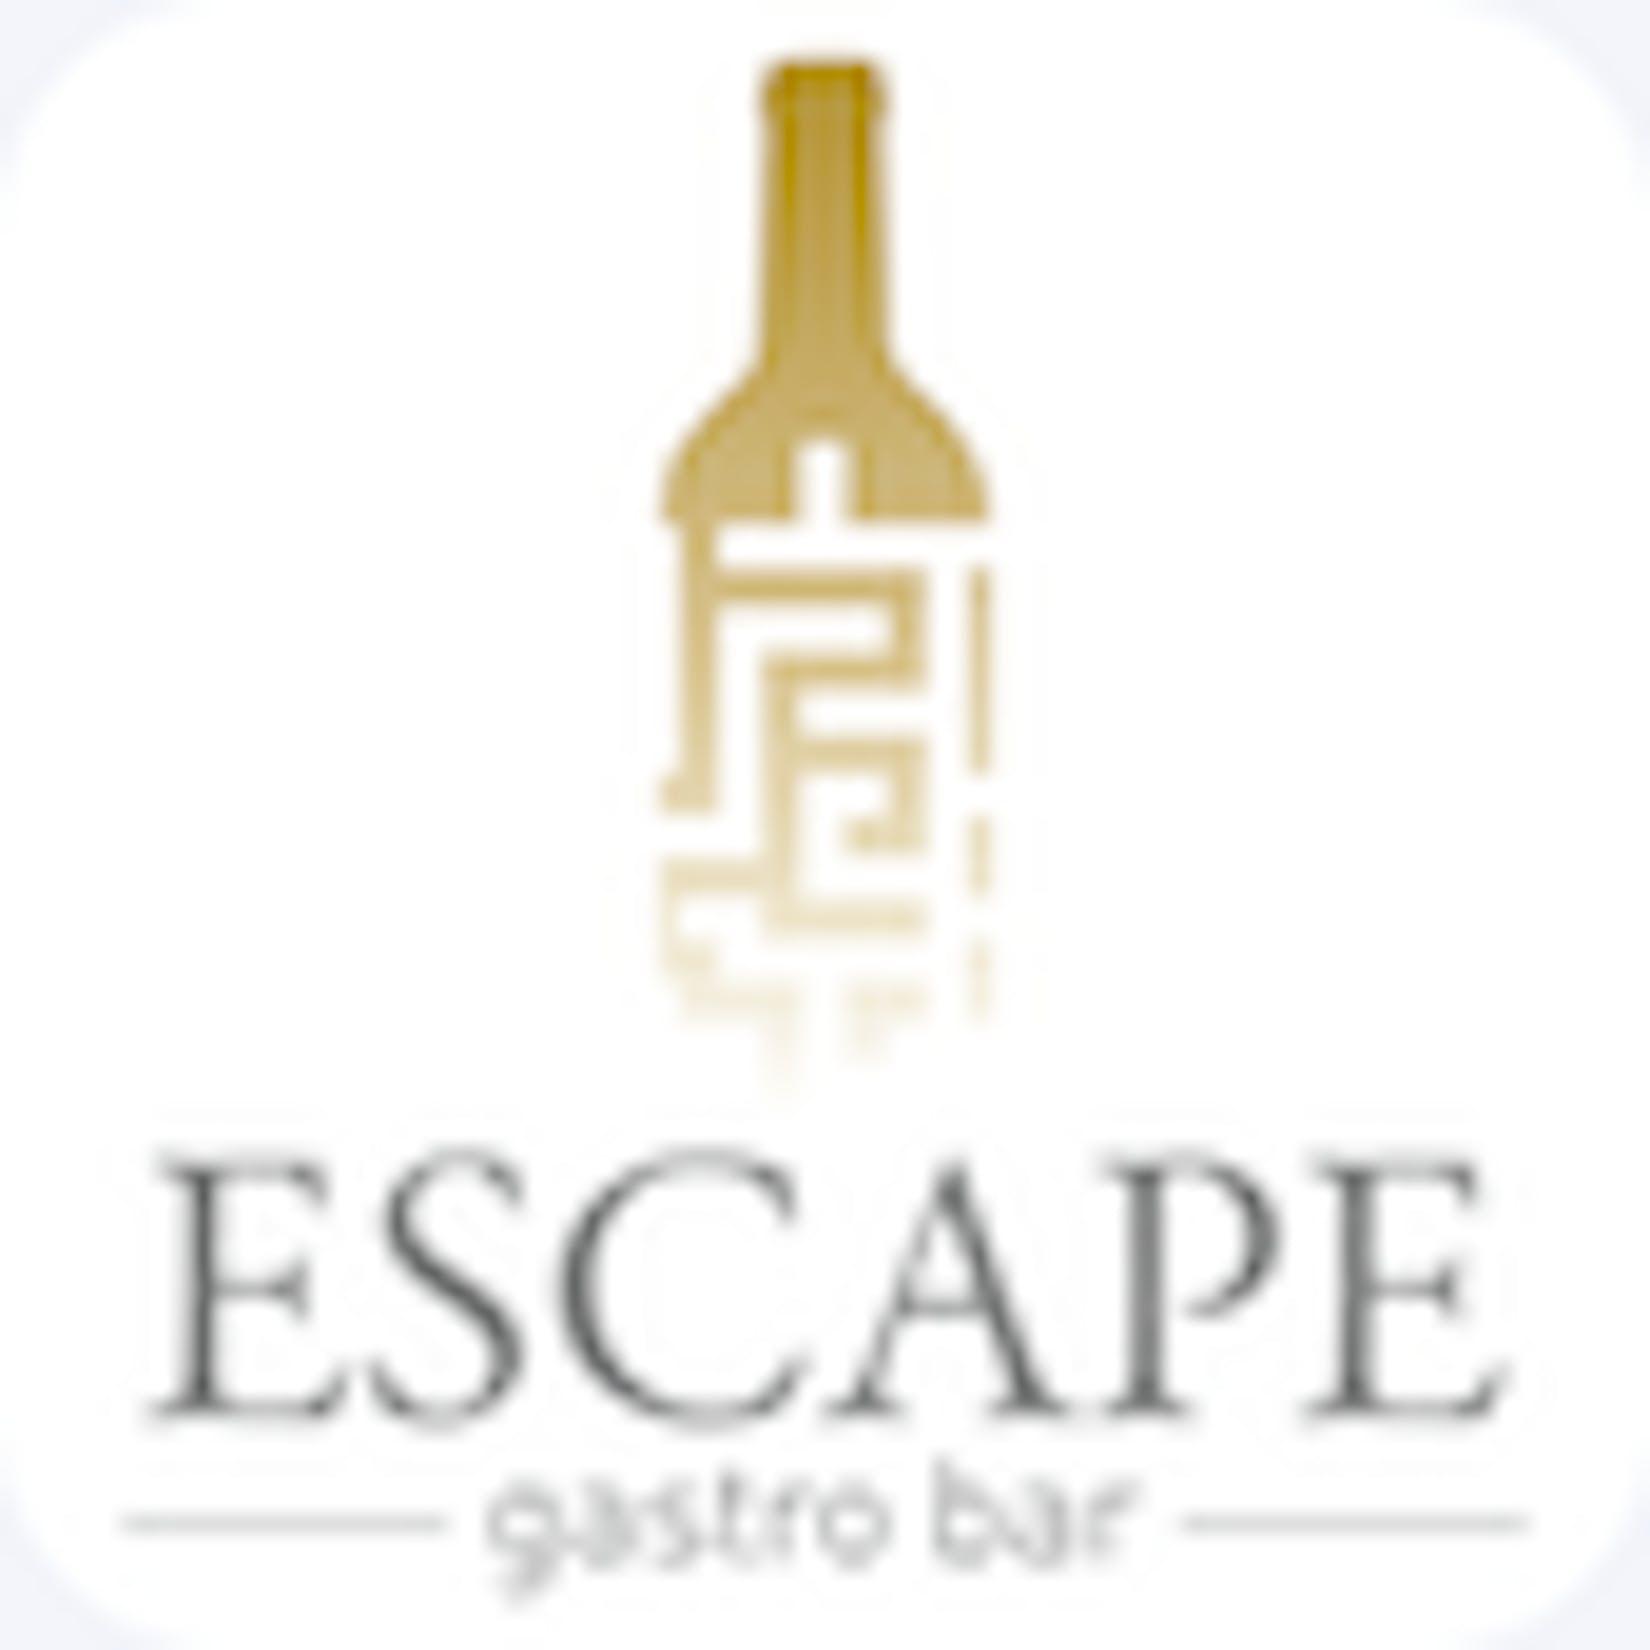 Escape Gastro Bar | yathar